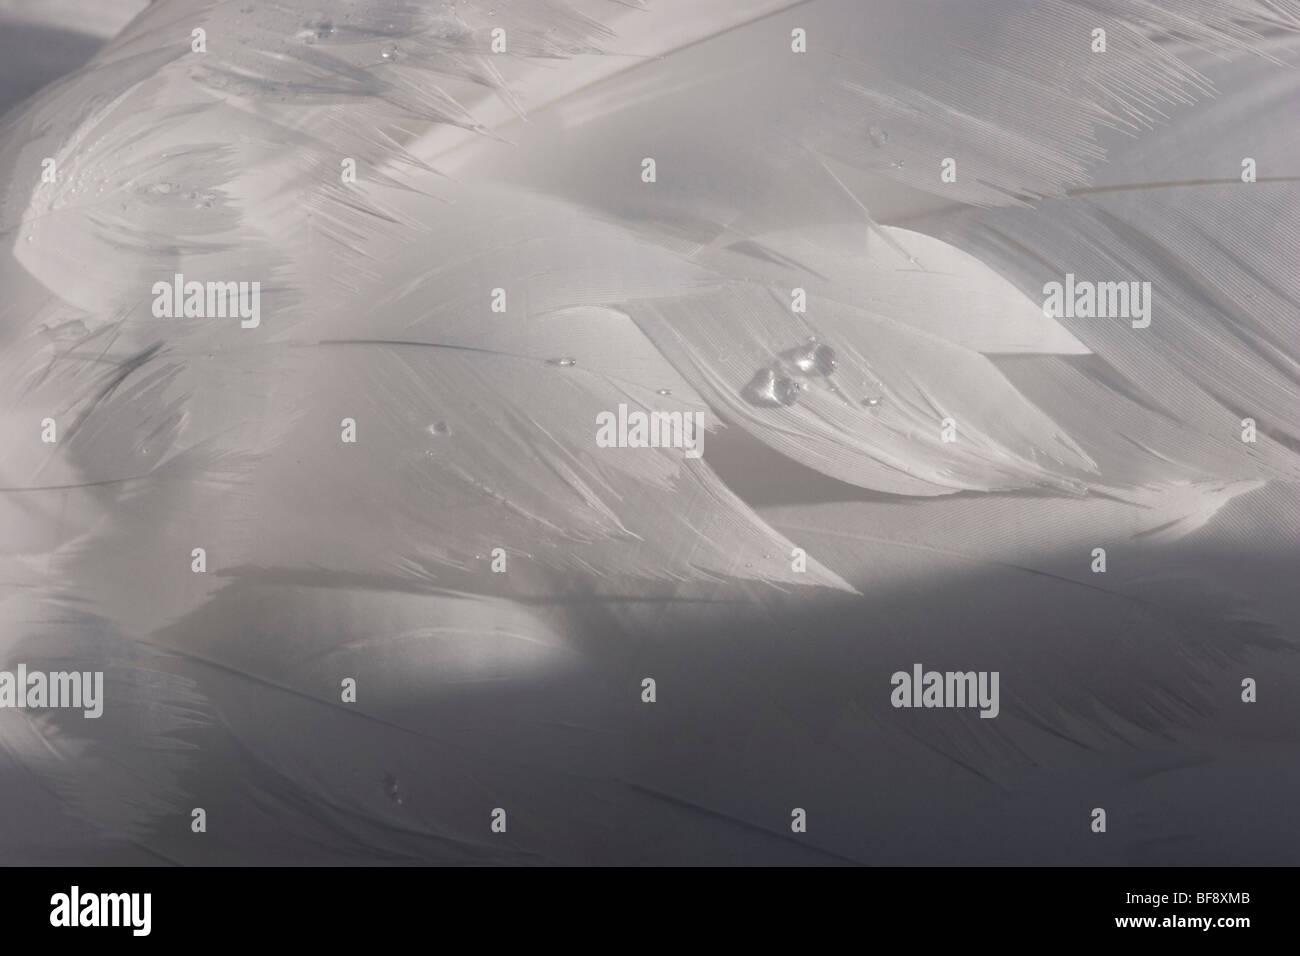 Piume di cigno di gocce di acqua pura bianco delicato Immagini Stock